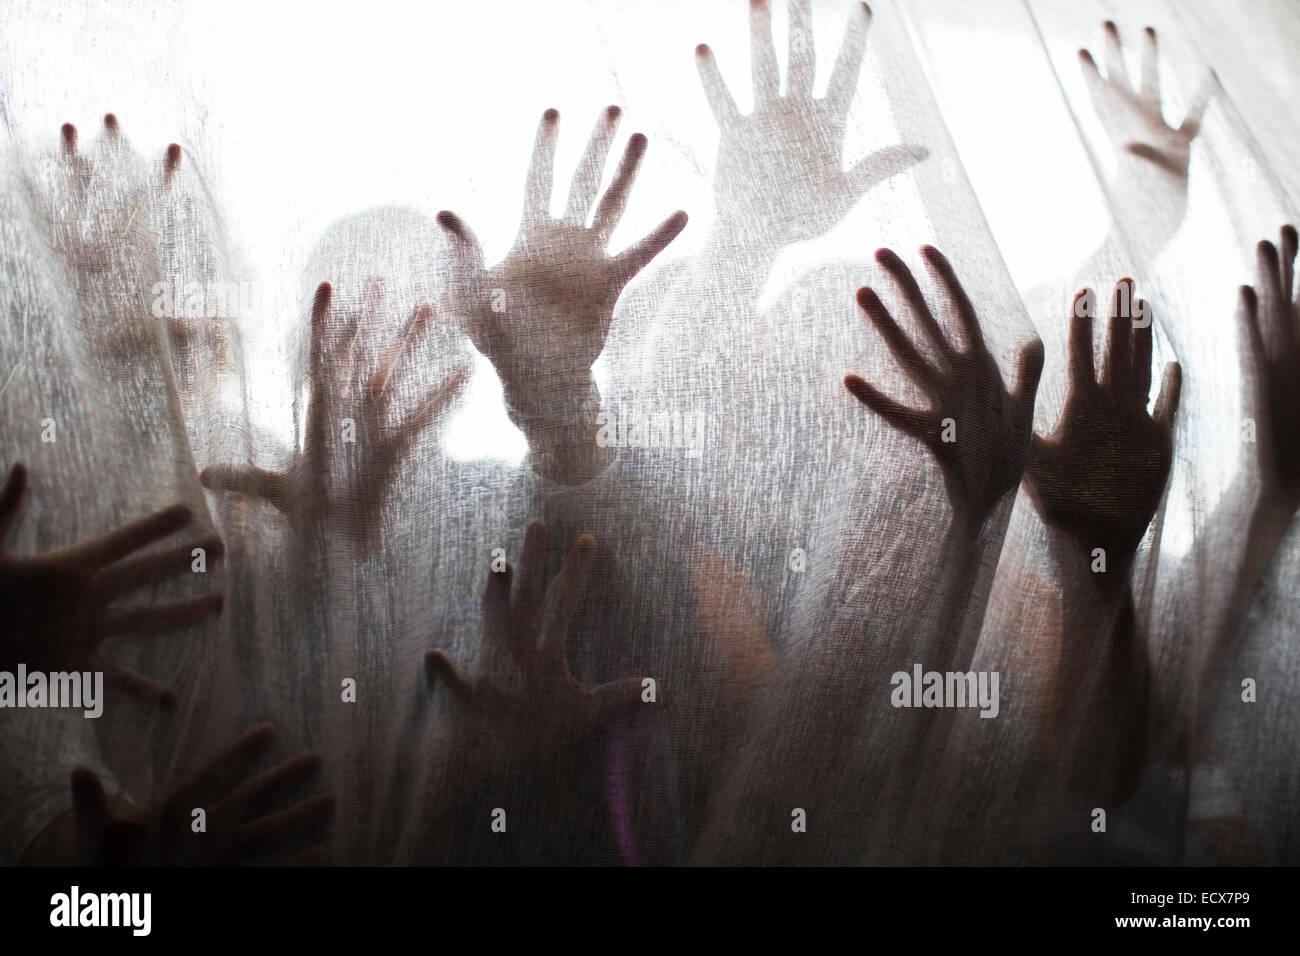 Silhouette di persone che allevano le mani dietro la tenda trasparente Immagini Stock